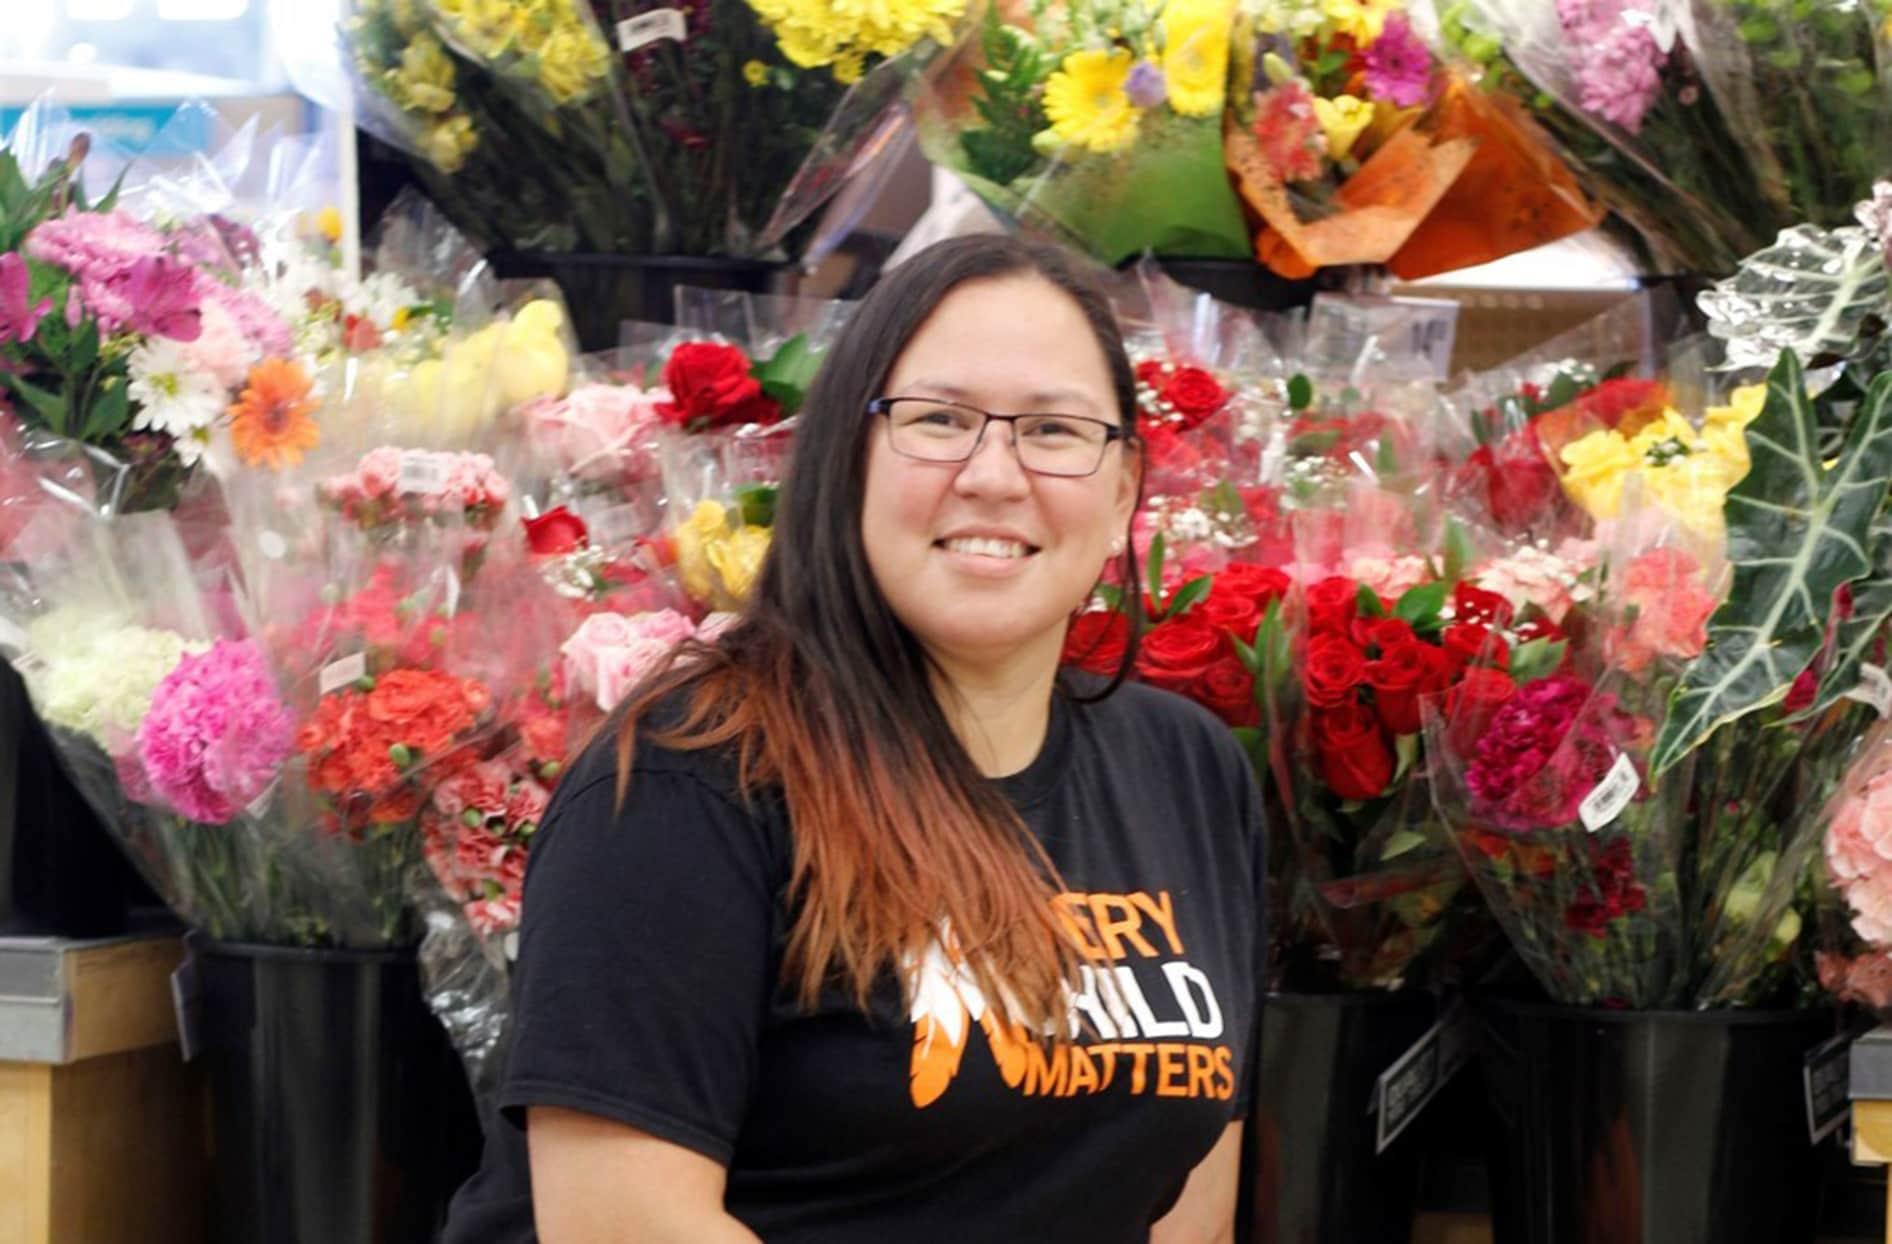 Nina est assise devant des arrangements floraux dans un magasin.